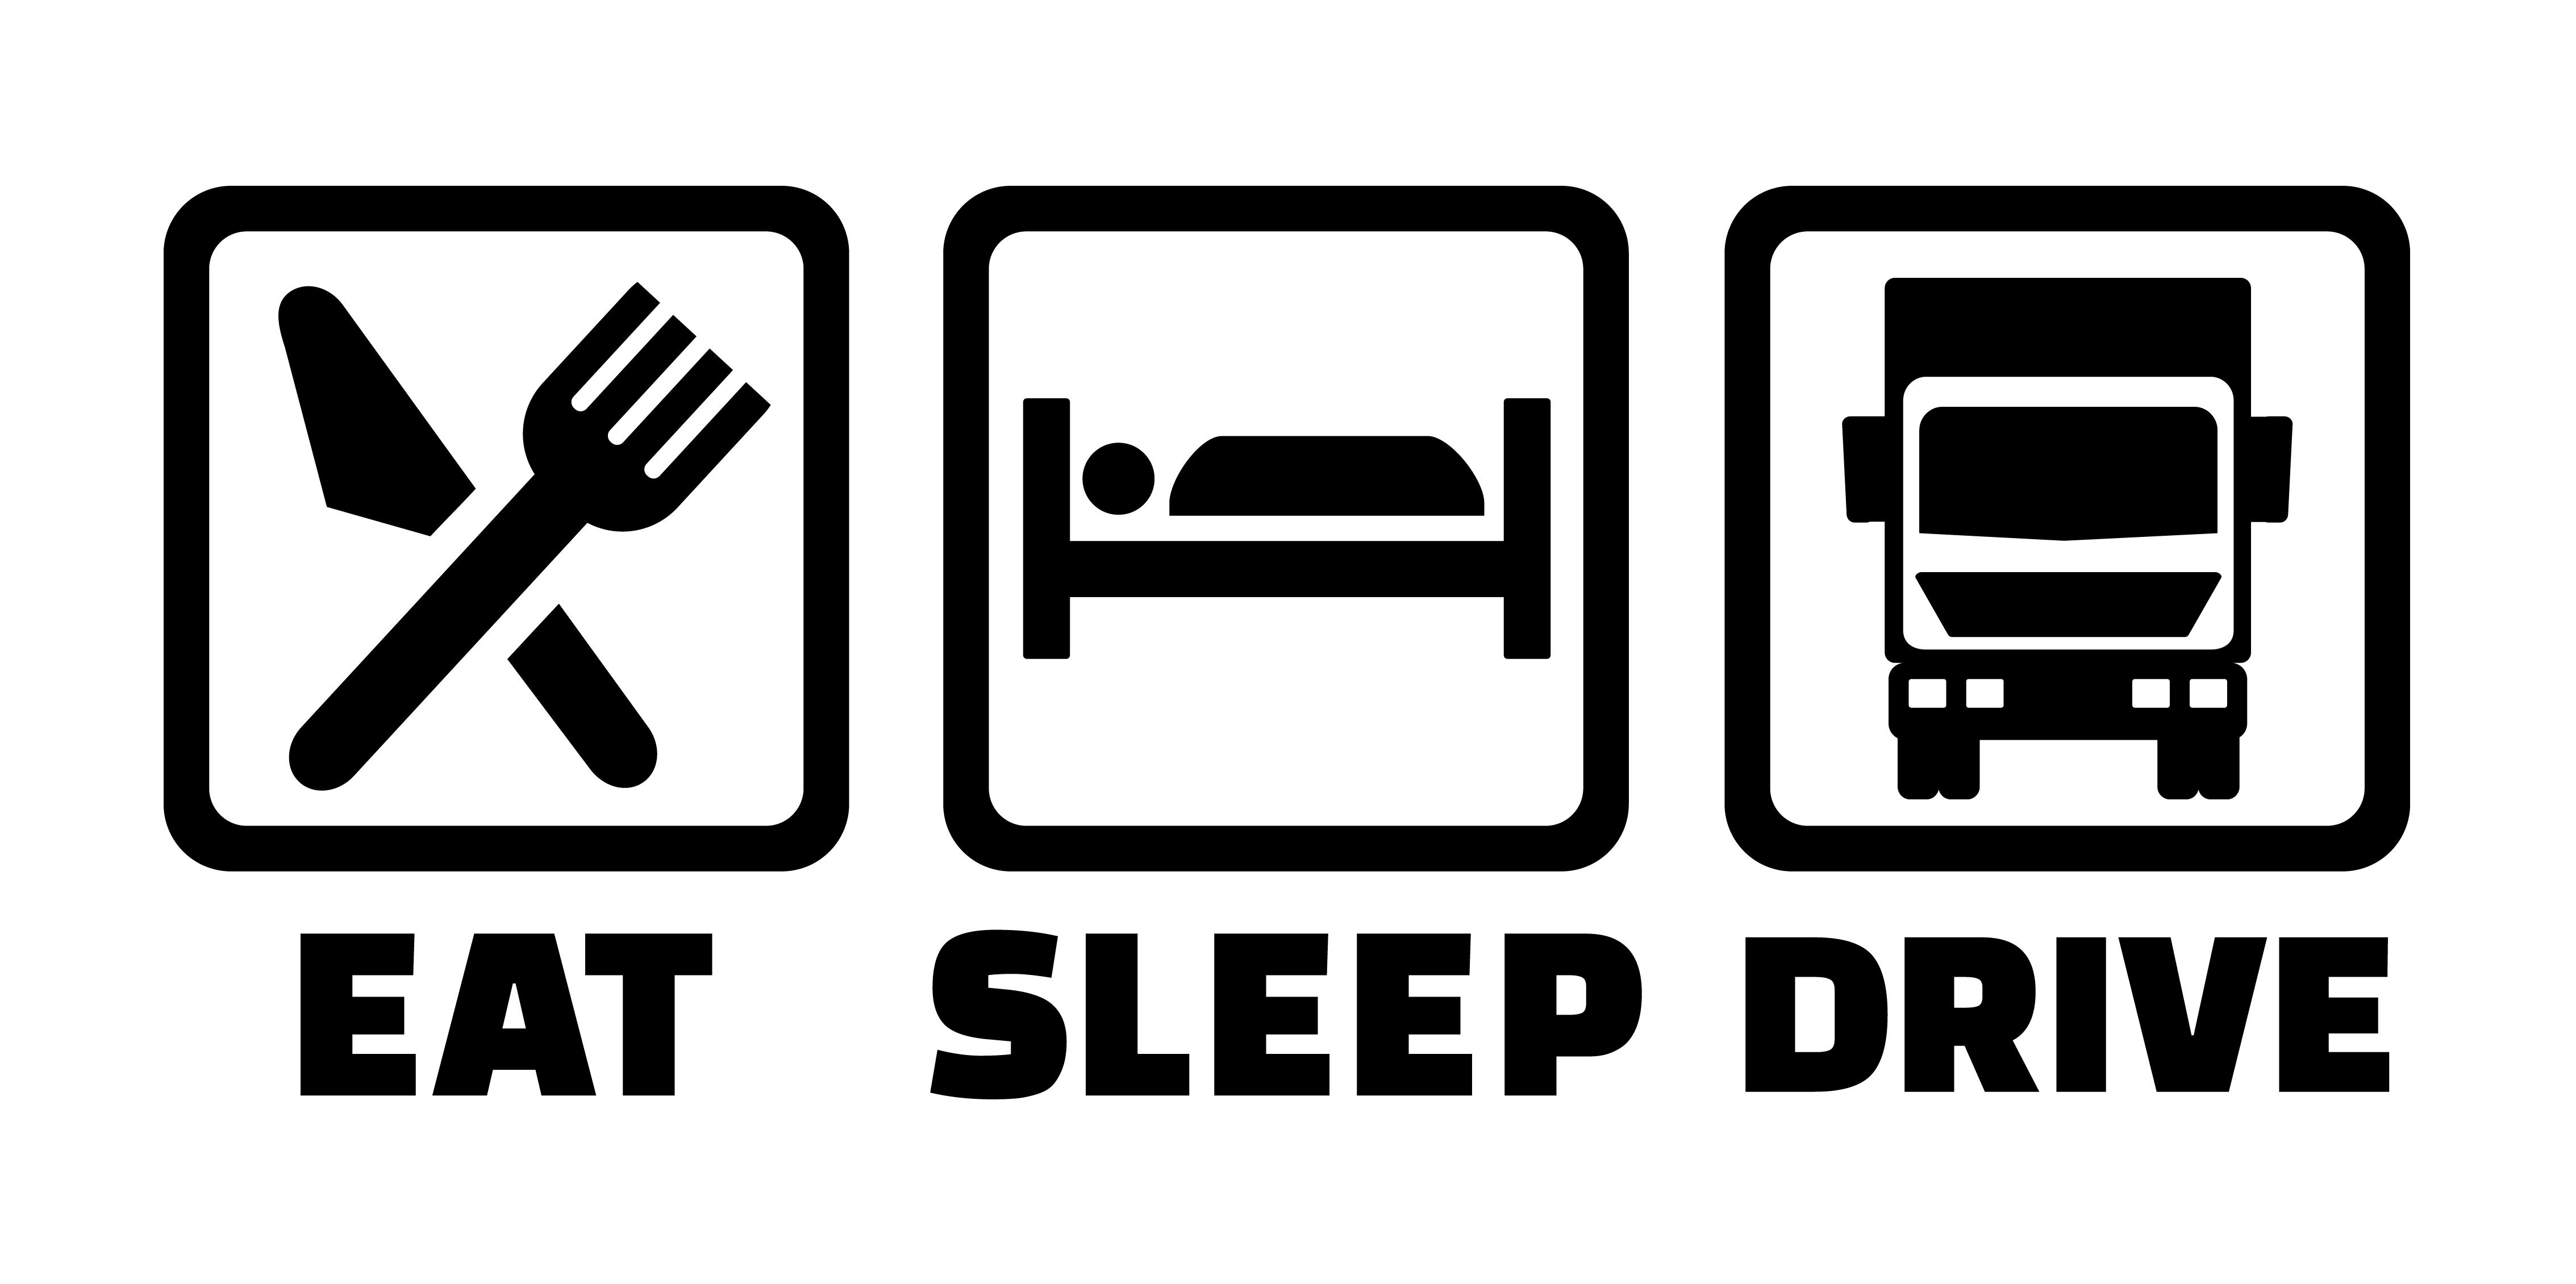 Eat Sleep Drive Sign   Wiers